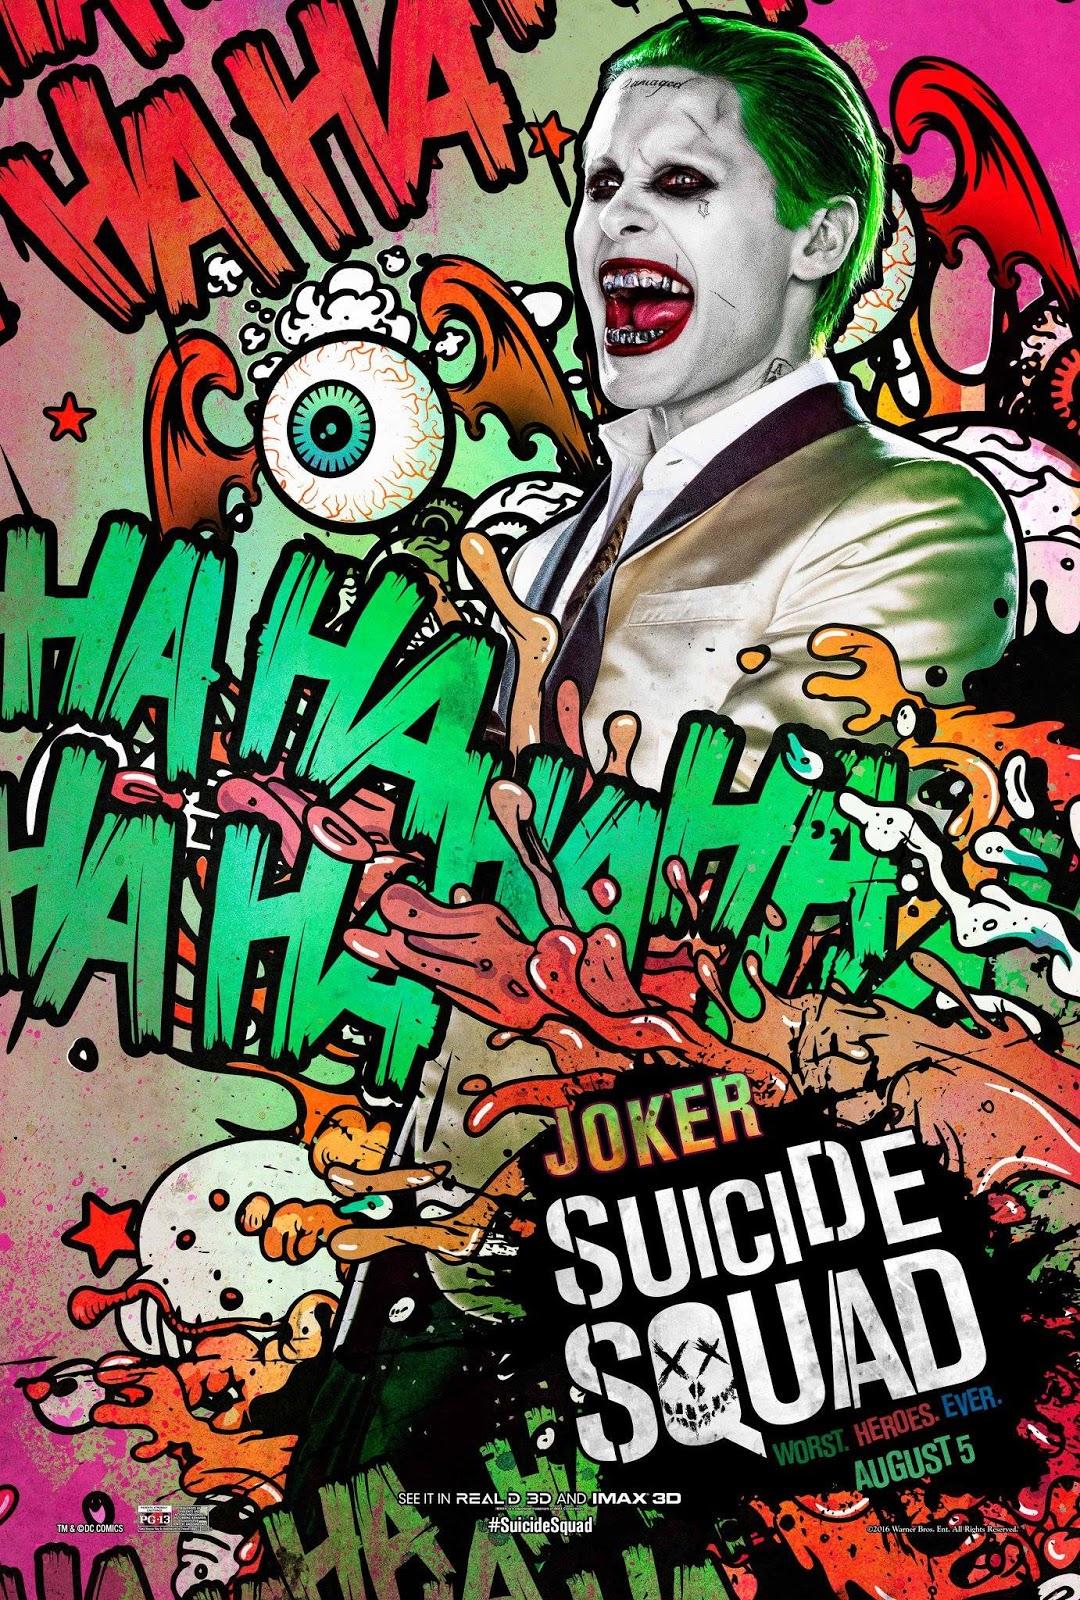 Escuadrón Suicida (Suicide Squad) - Sinopcine